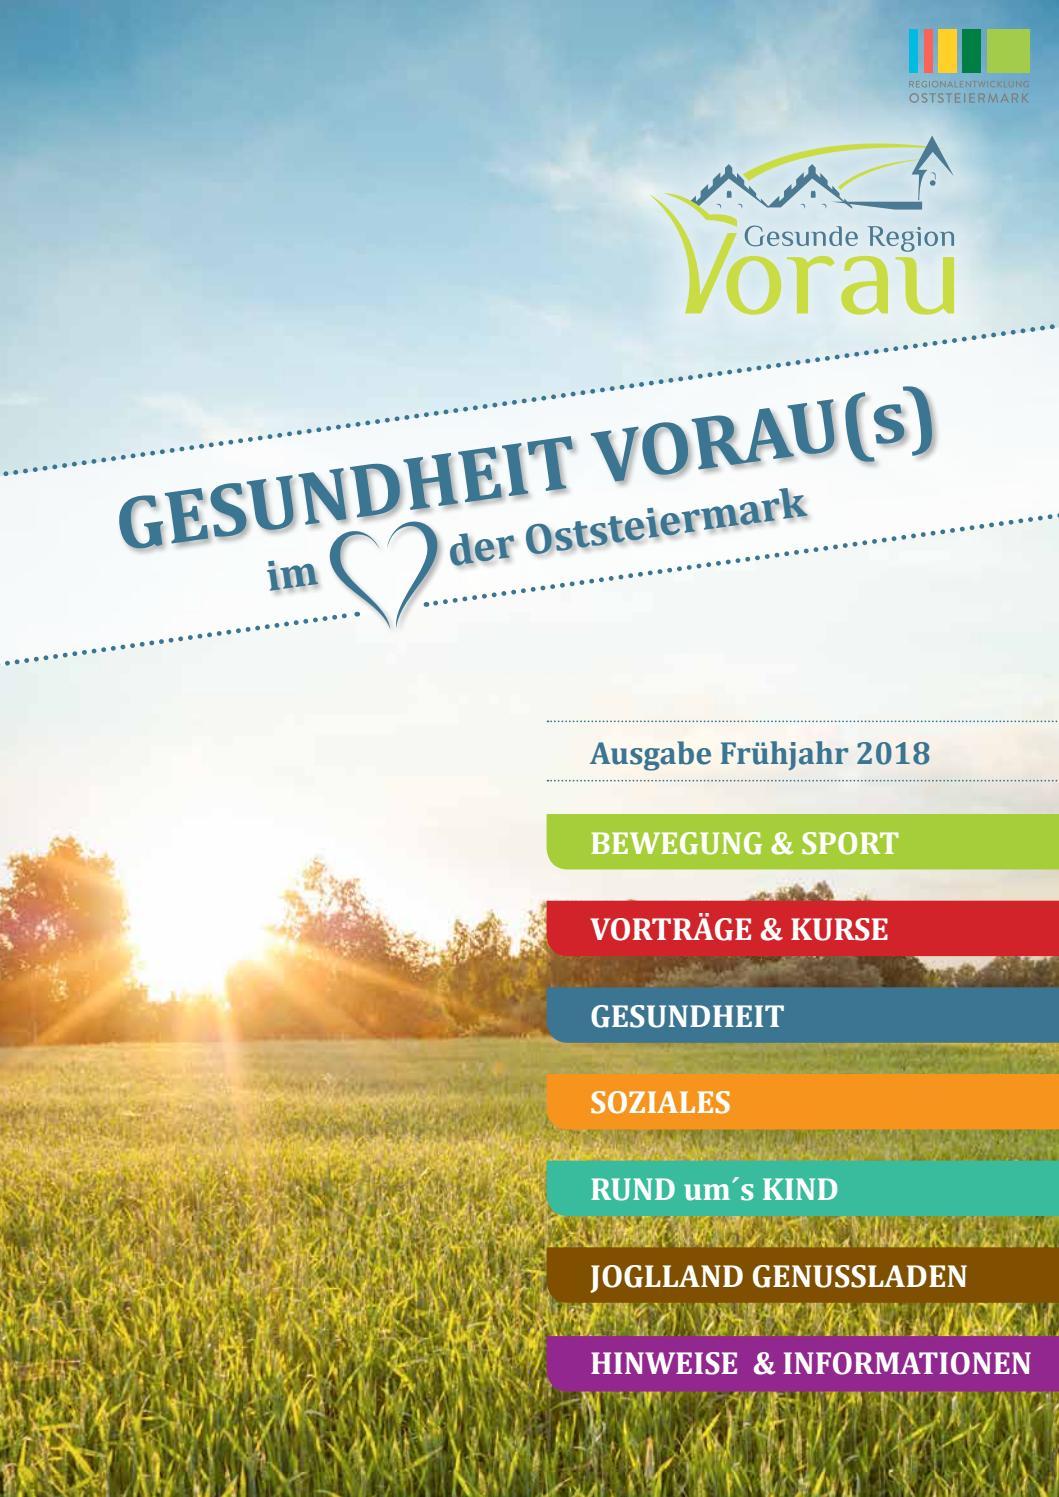 GESUNDHEIT VORAU(s) - Gemeinde Vorau